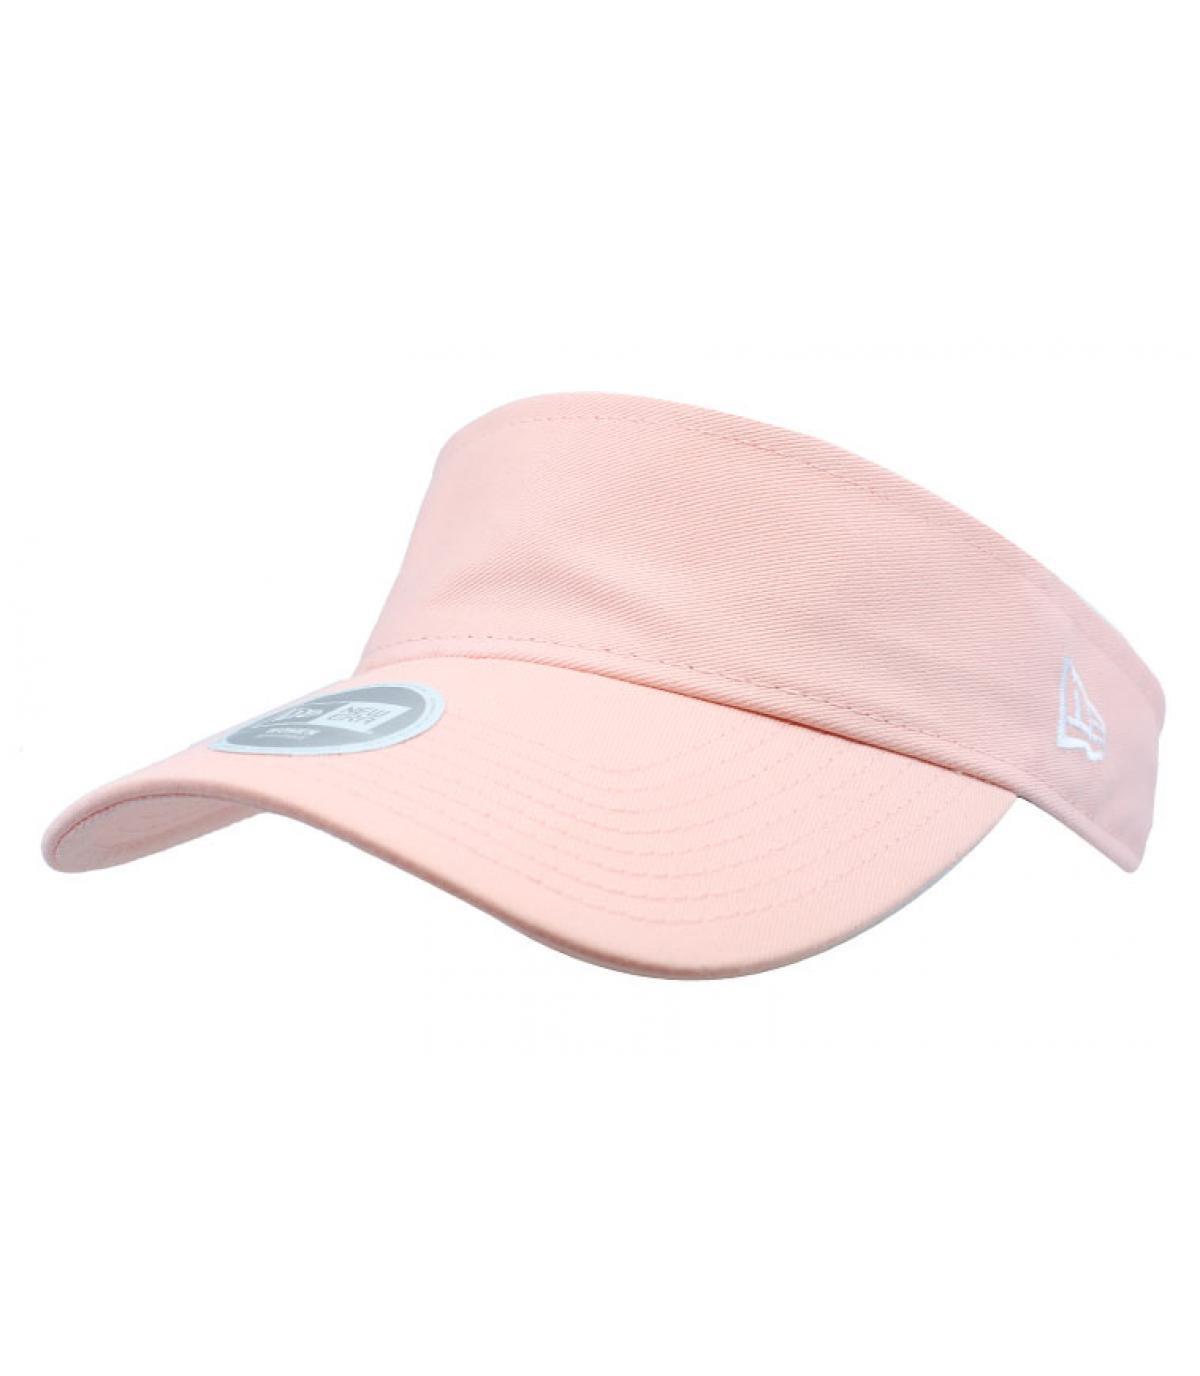 Détails Wmns NE Ess Visor pink - image 2